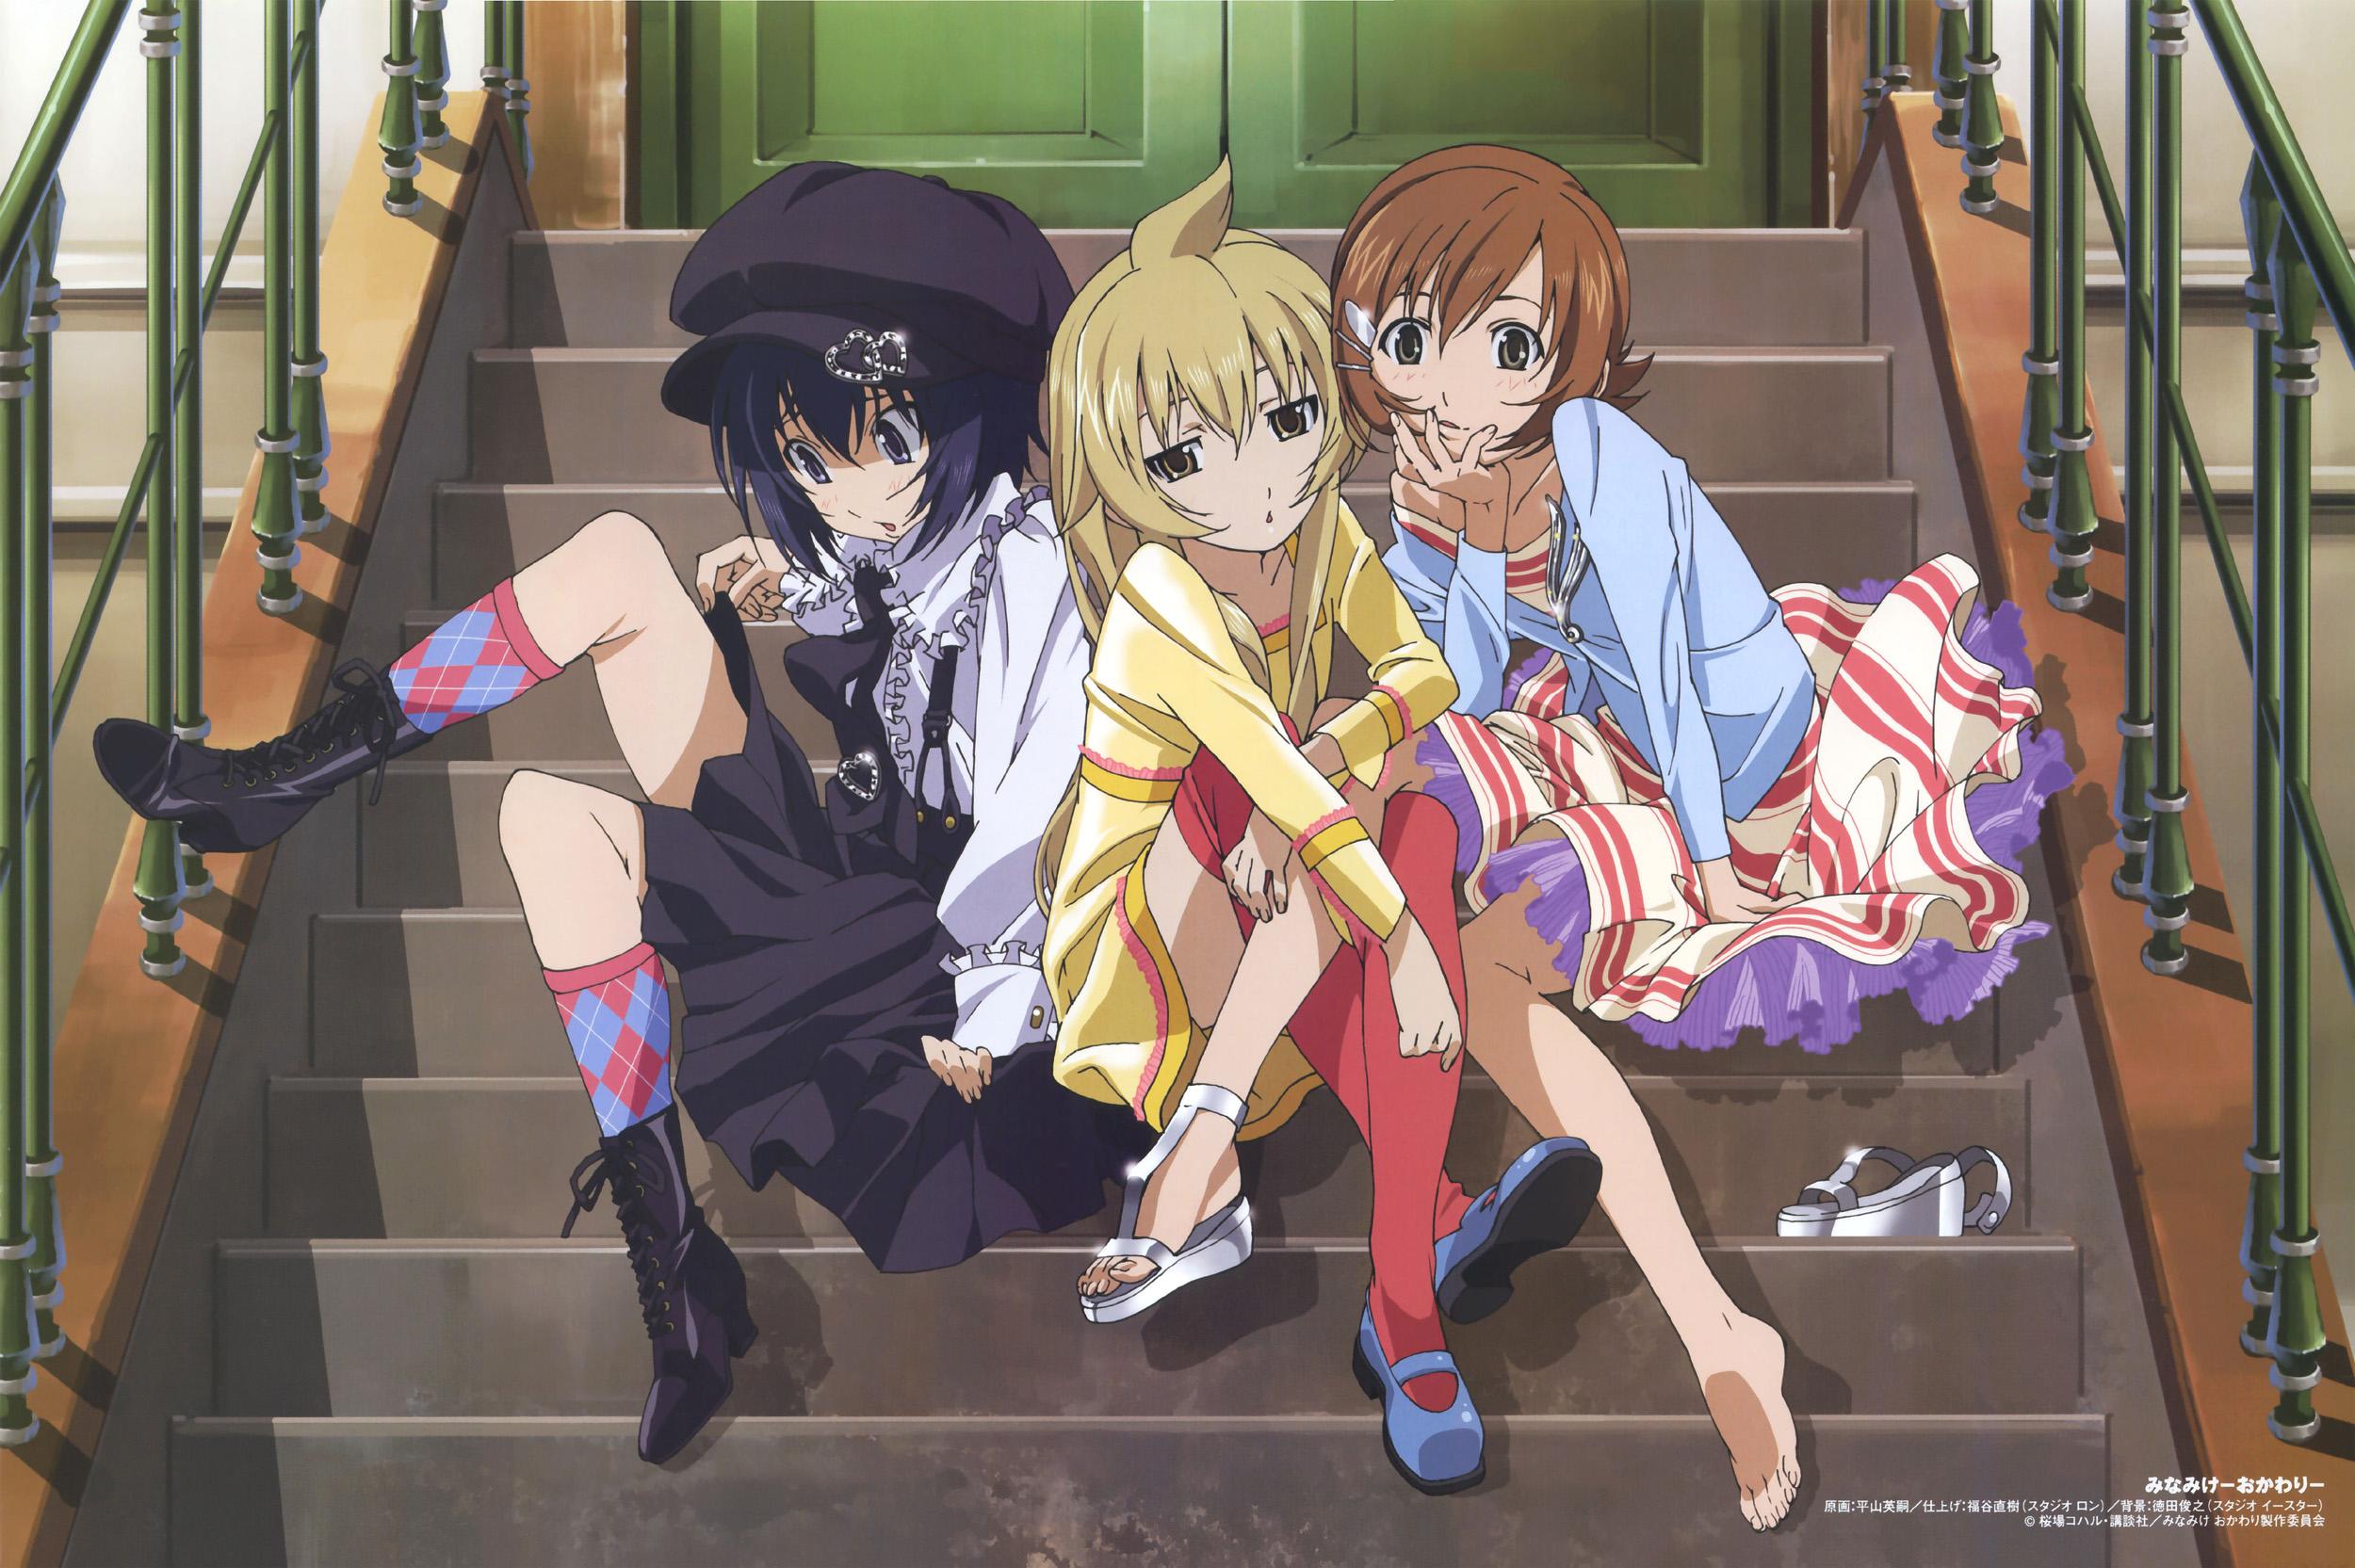 Crossdressing anime Cross